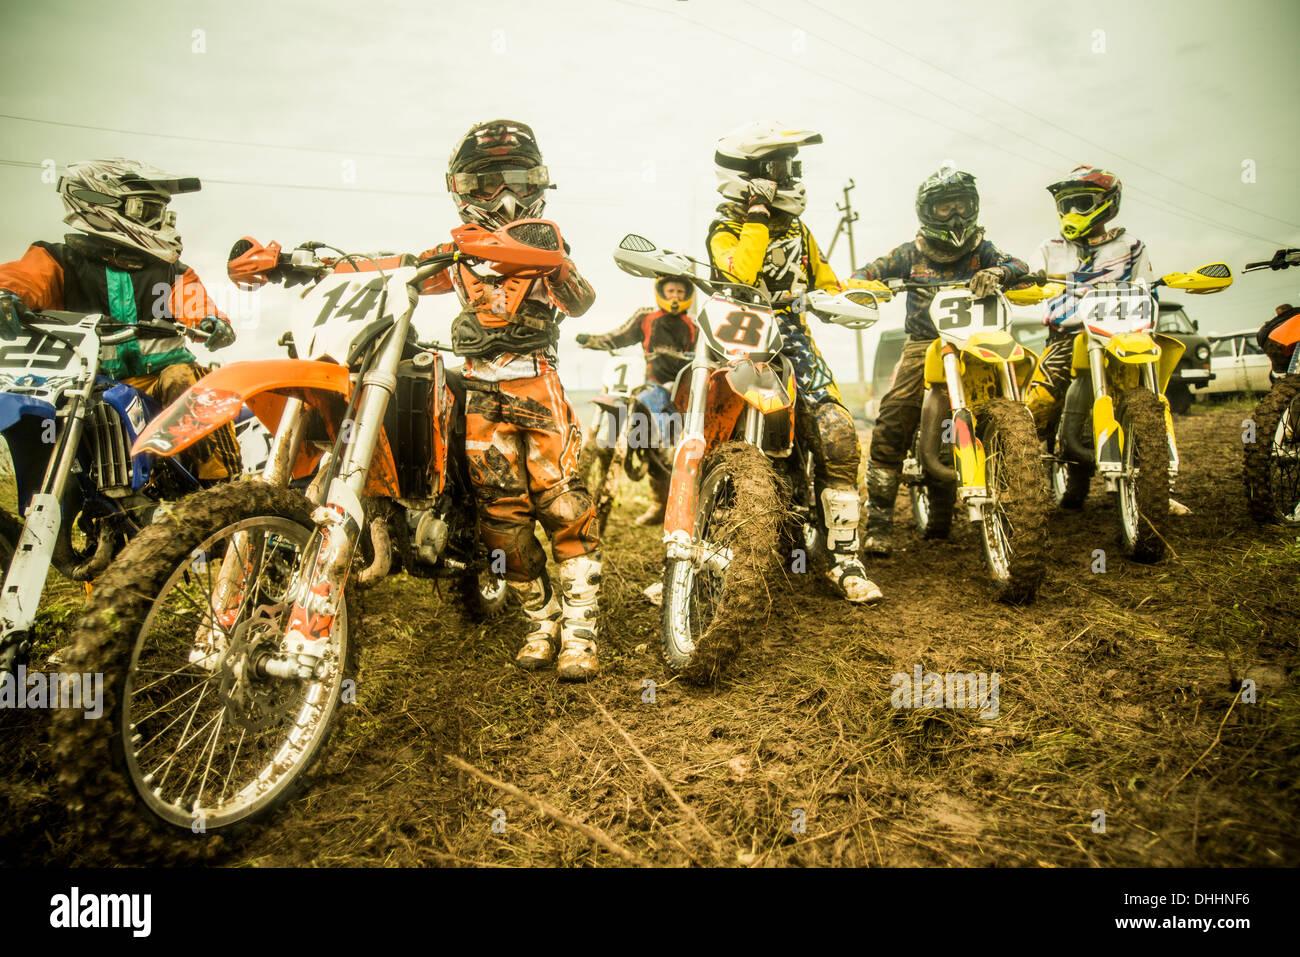 Gruppe von jungen auf Motorrädern im motocross Stockbild